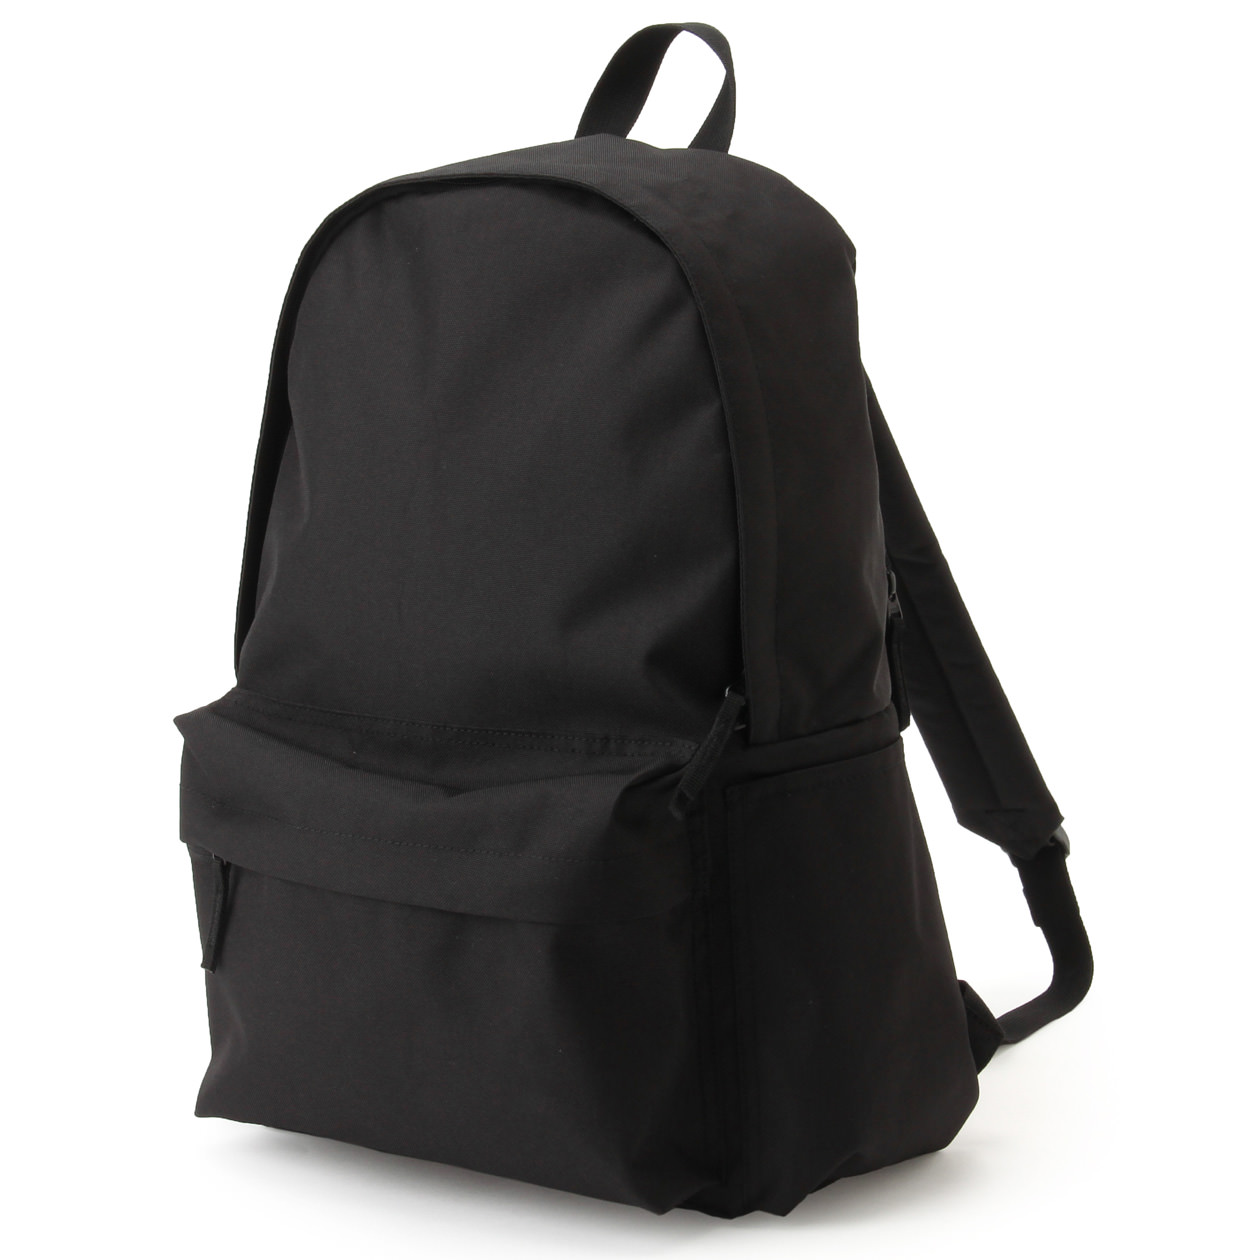 聚酯纖維附側面口袋後背包 黑色 | 無印良品